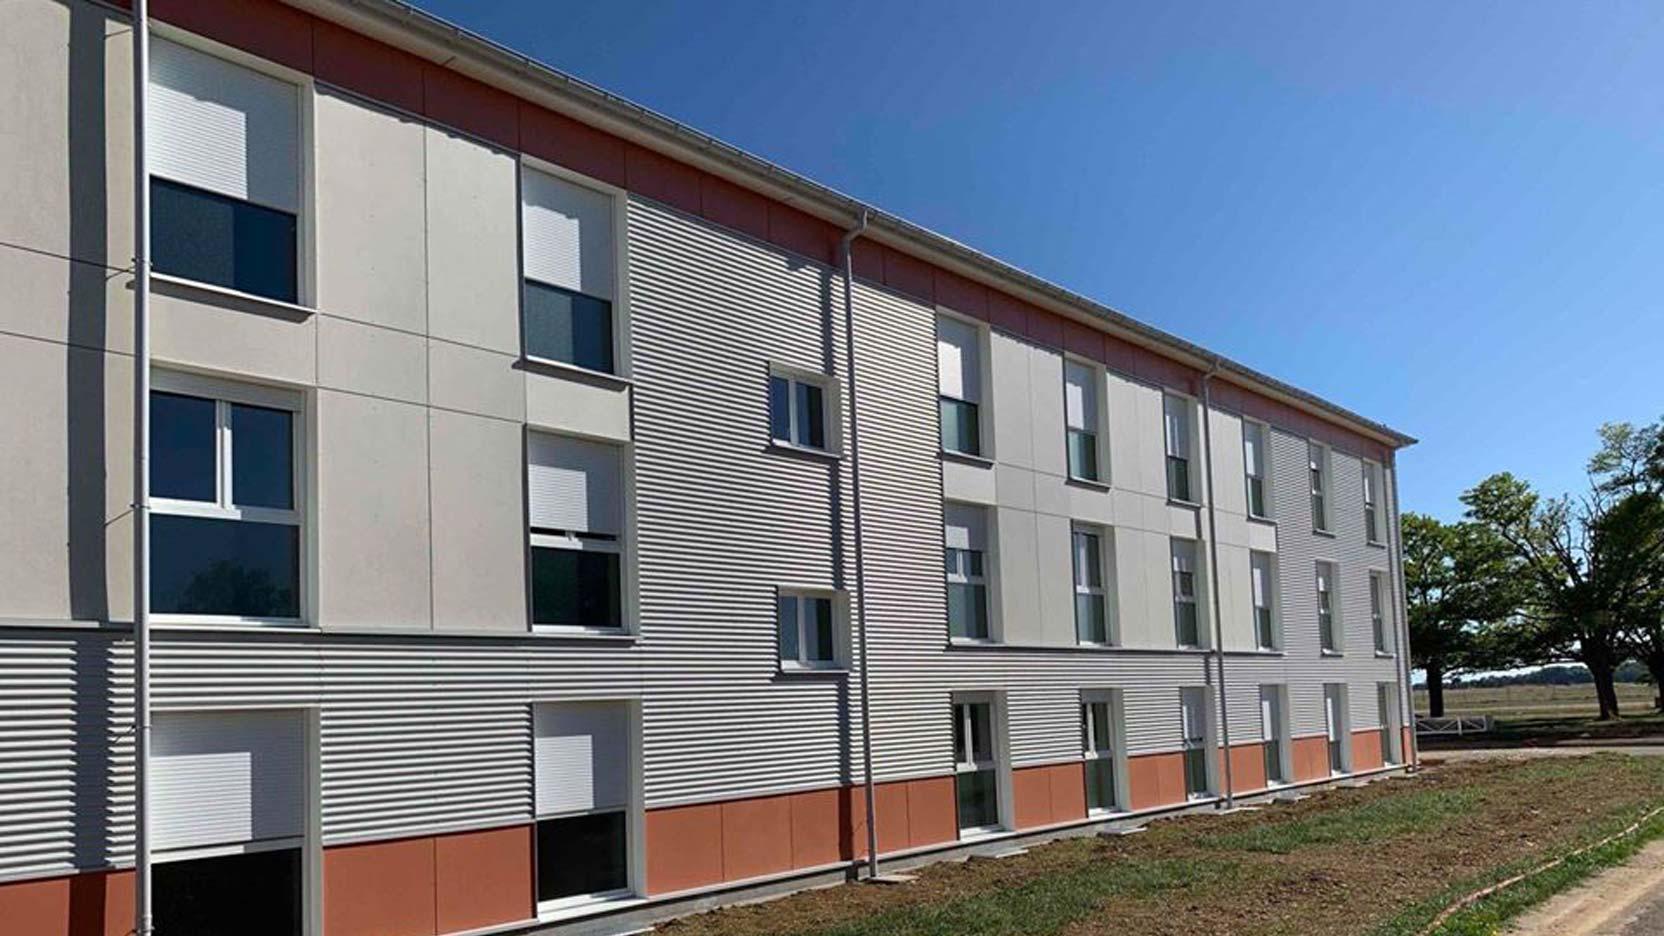 Ossabois a réalisé une extension de l'Ecole de Sous-Officier de Gendarmerie de Dijon-Longvic et 3 bâtiments d'hébergement destinés à accueillir les futurs sous-officiers